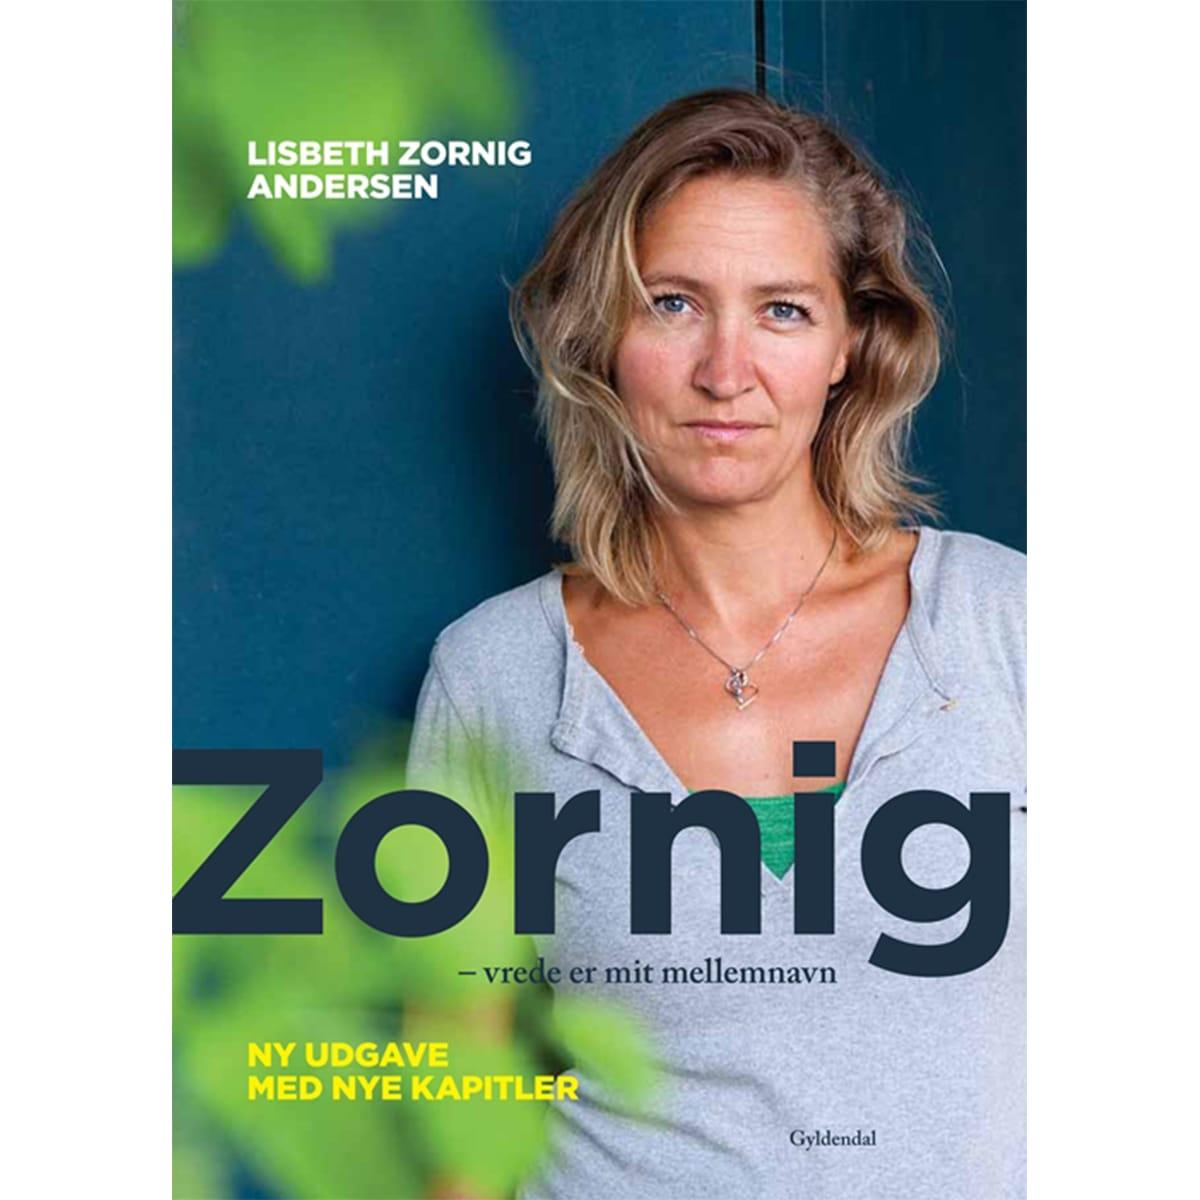 Af Lisbeth Zornig Andersen